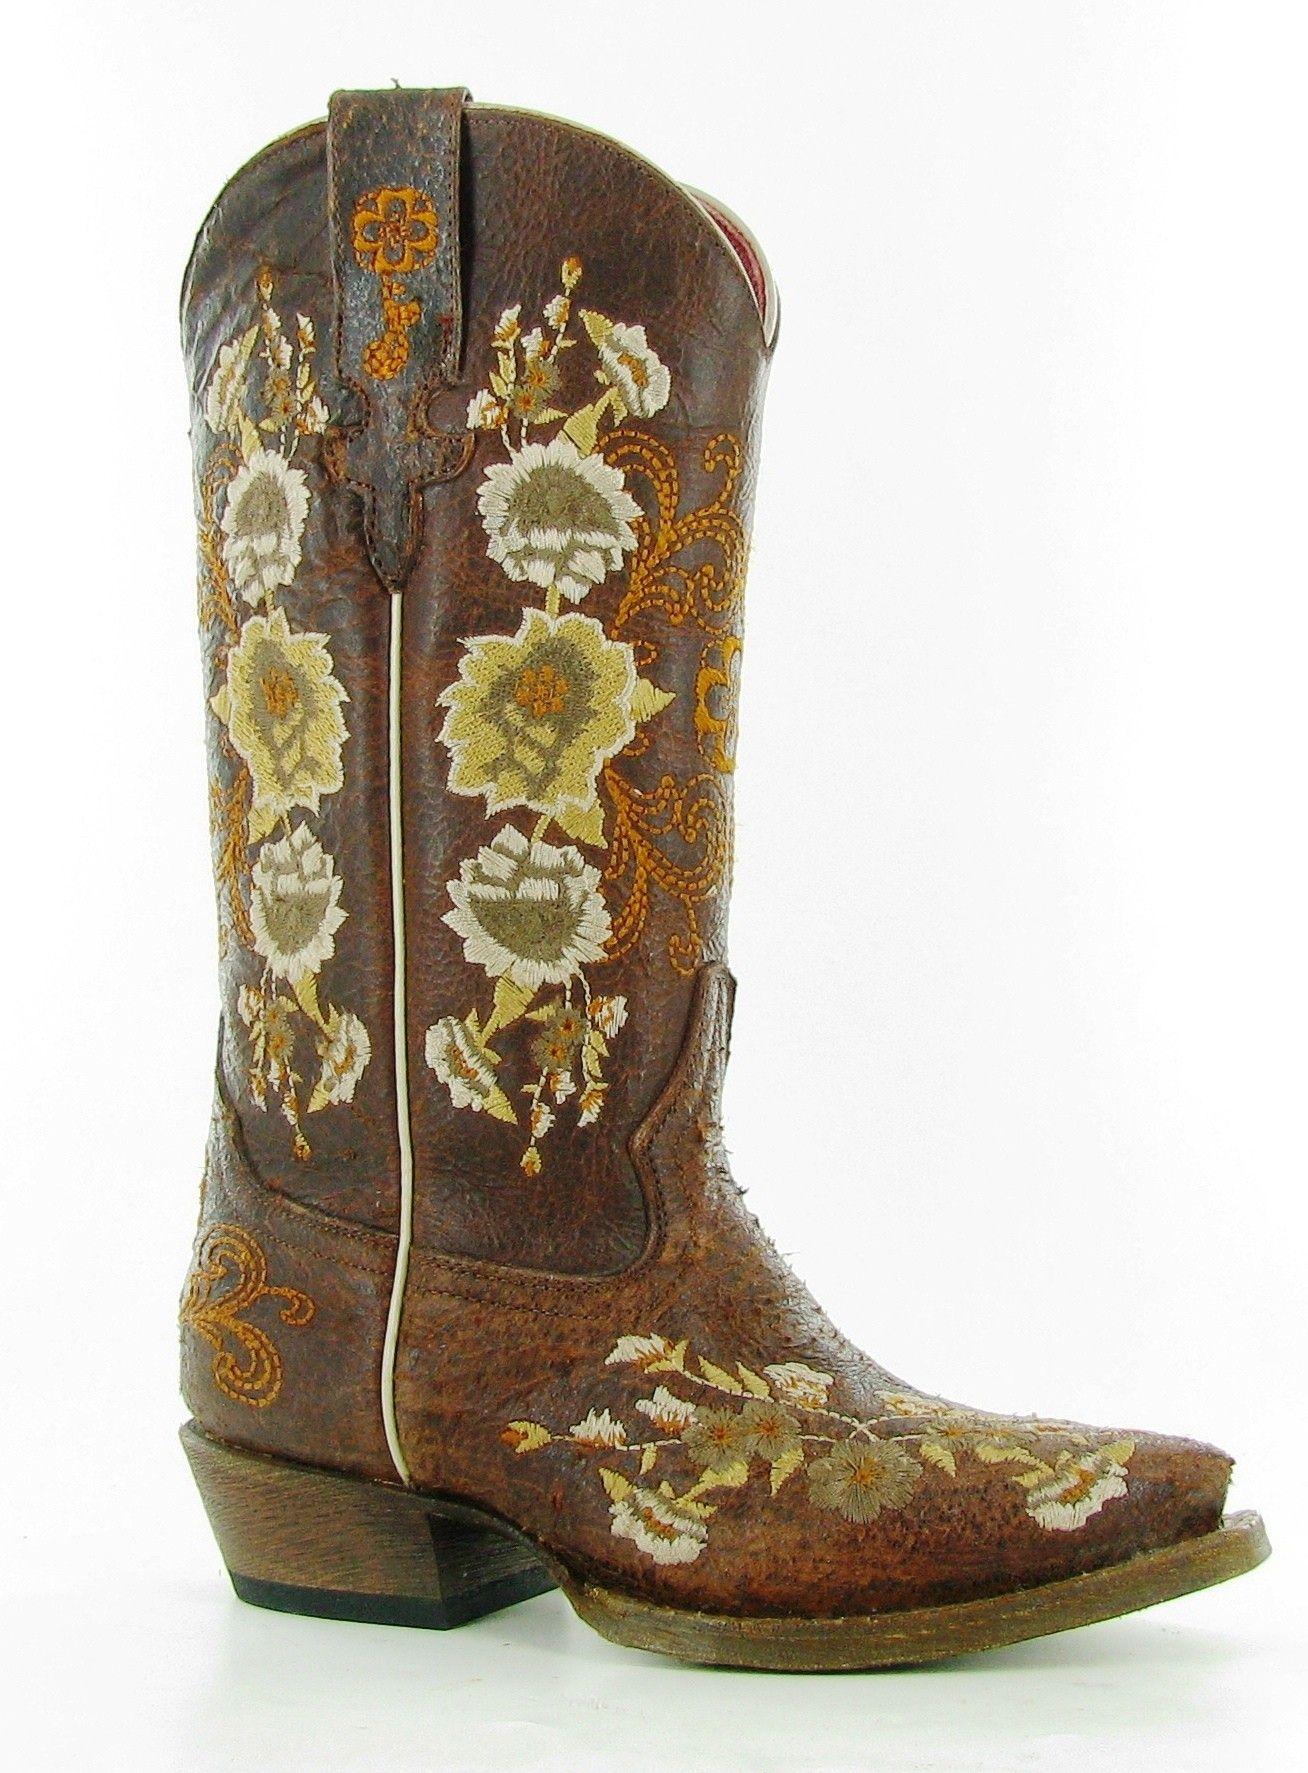 2d8a423aae32 Macie Bean Children s Boots - Tyler Rose Garden   Sweet Sixteen ...